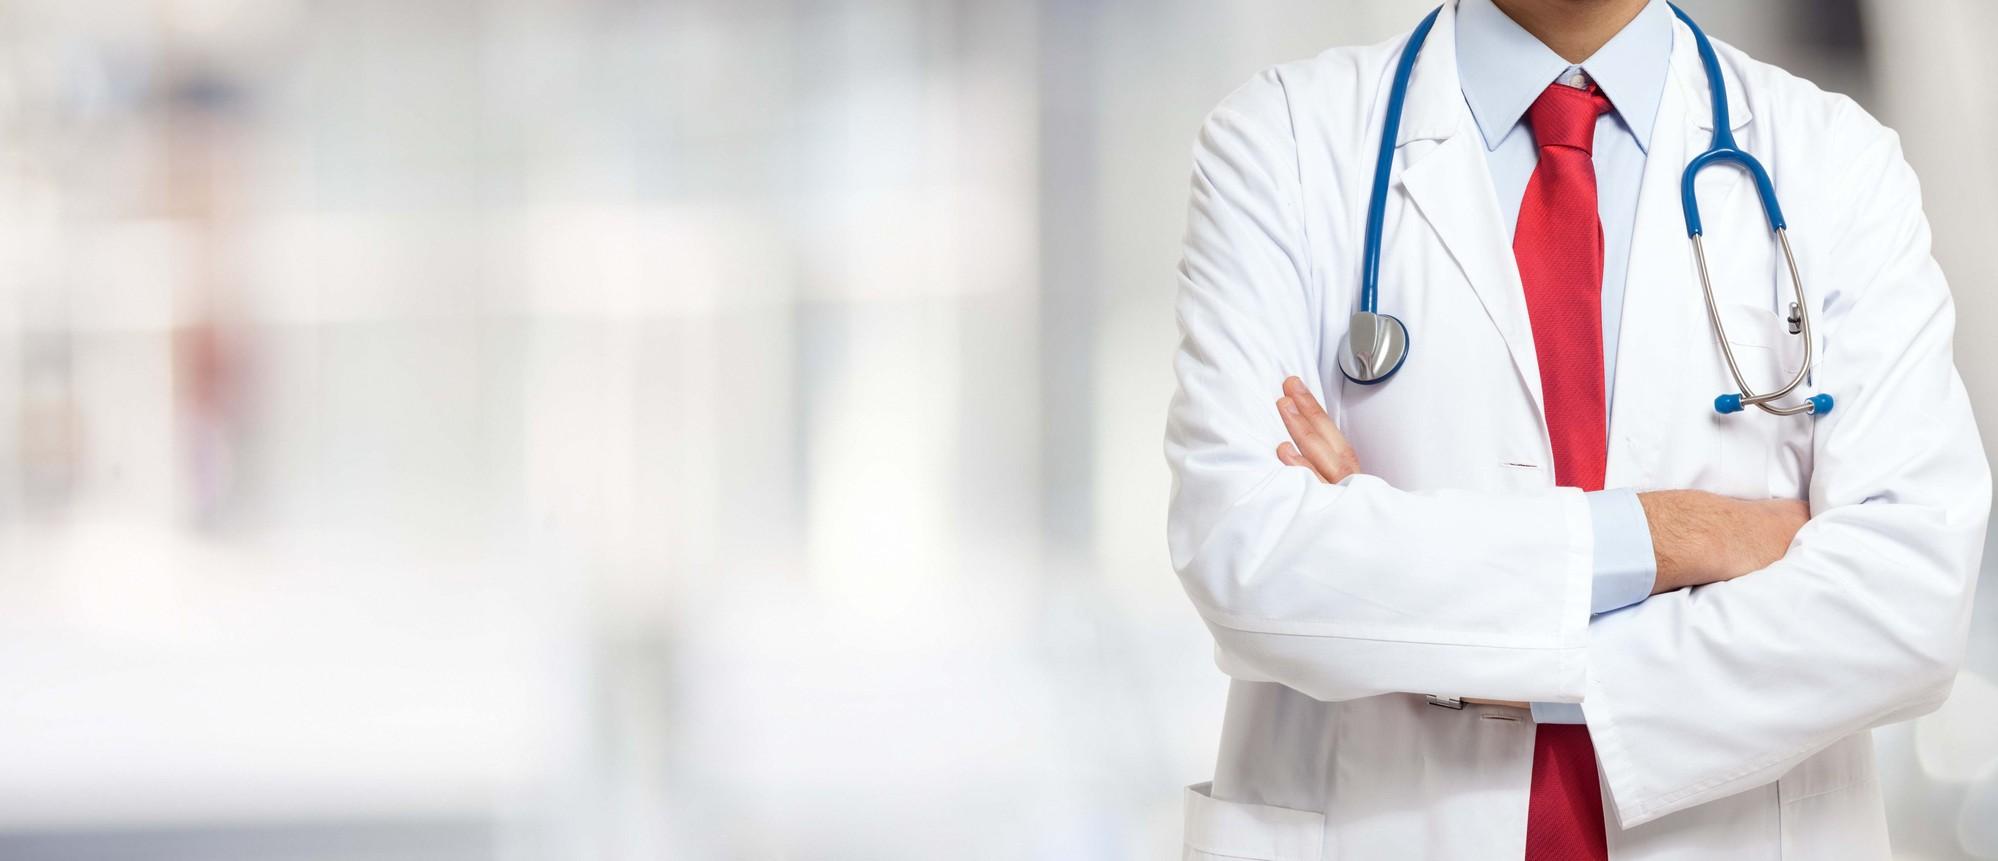 Blog: Neuigkeiten und Infos zum Medizinstudium - Vorbereitung ...